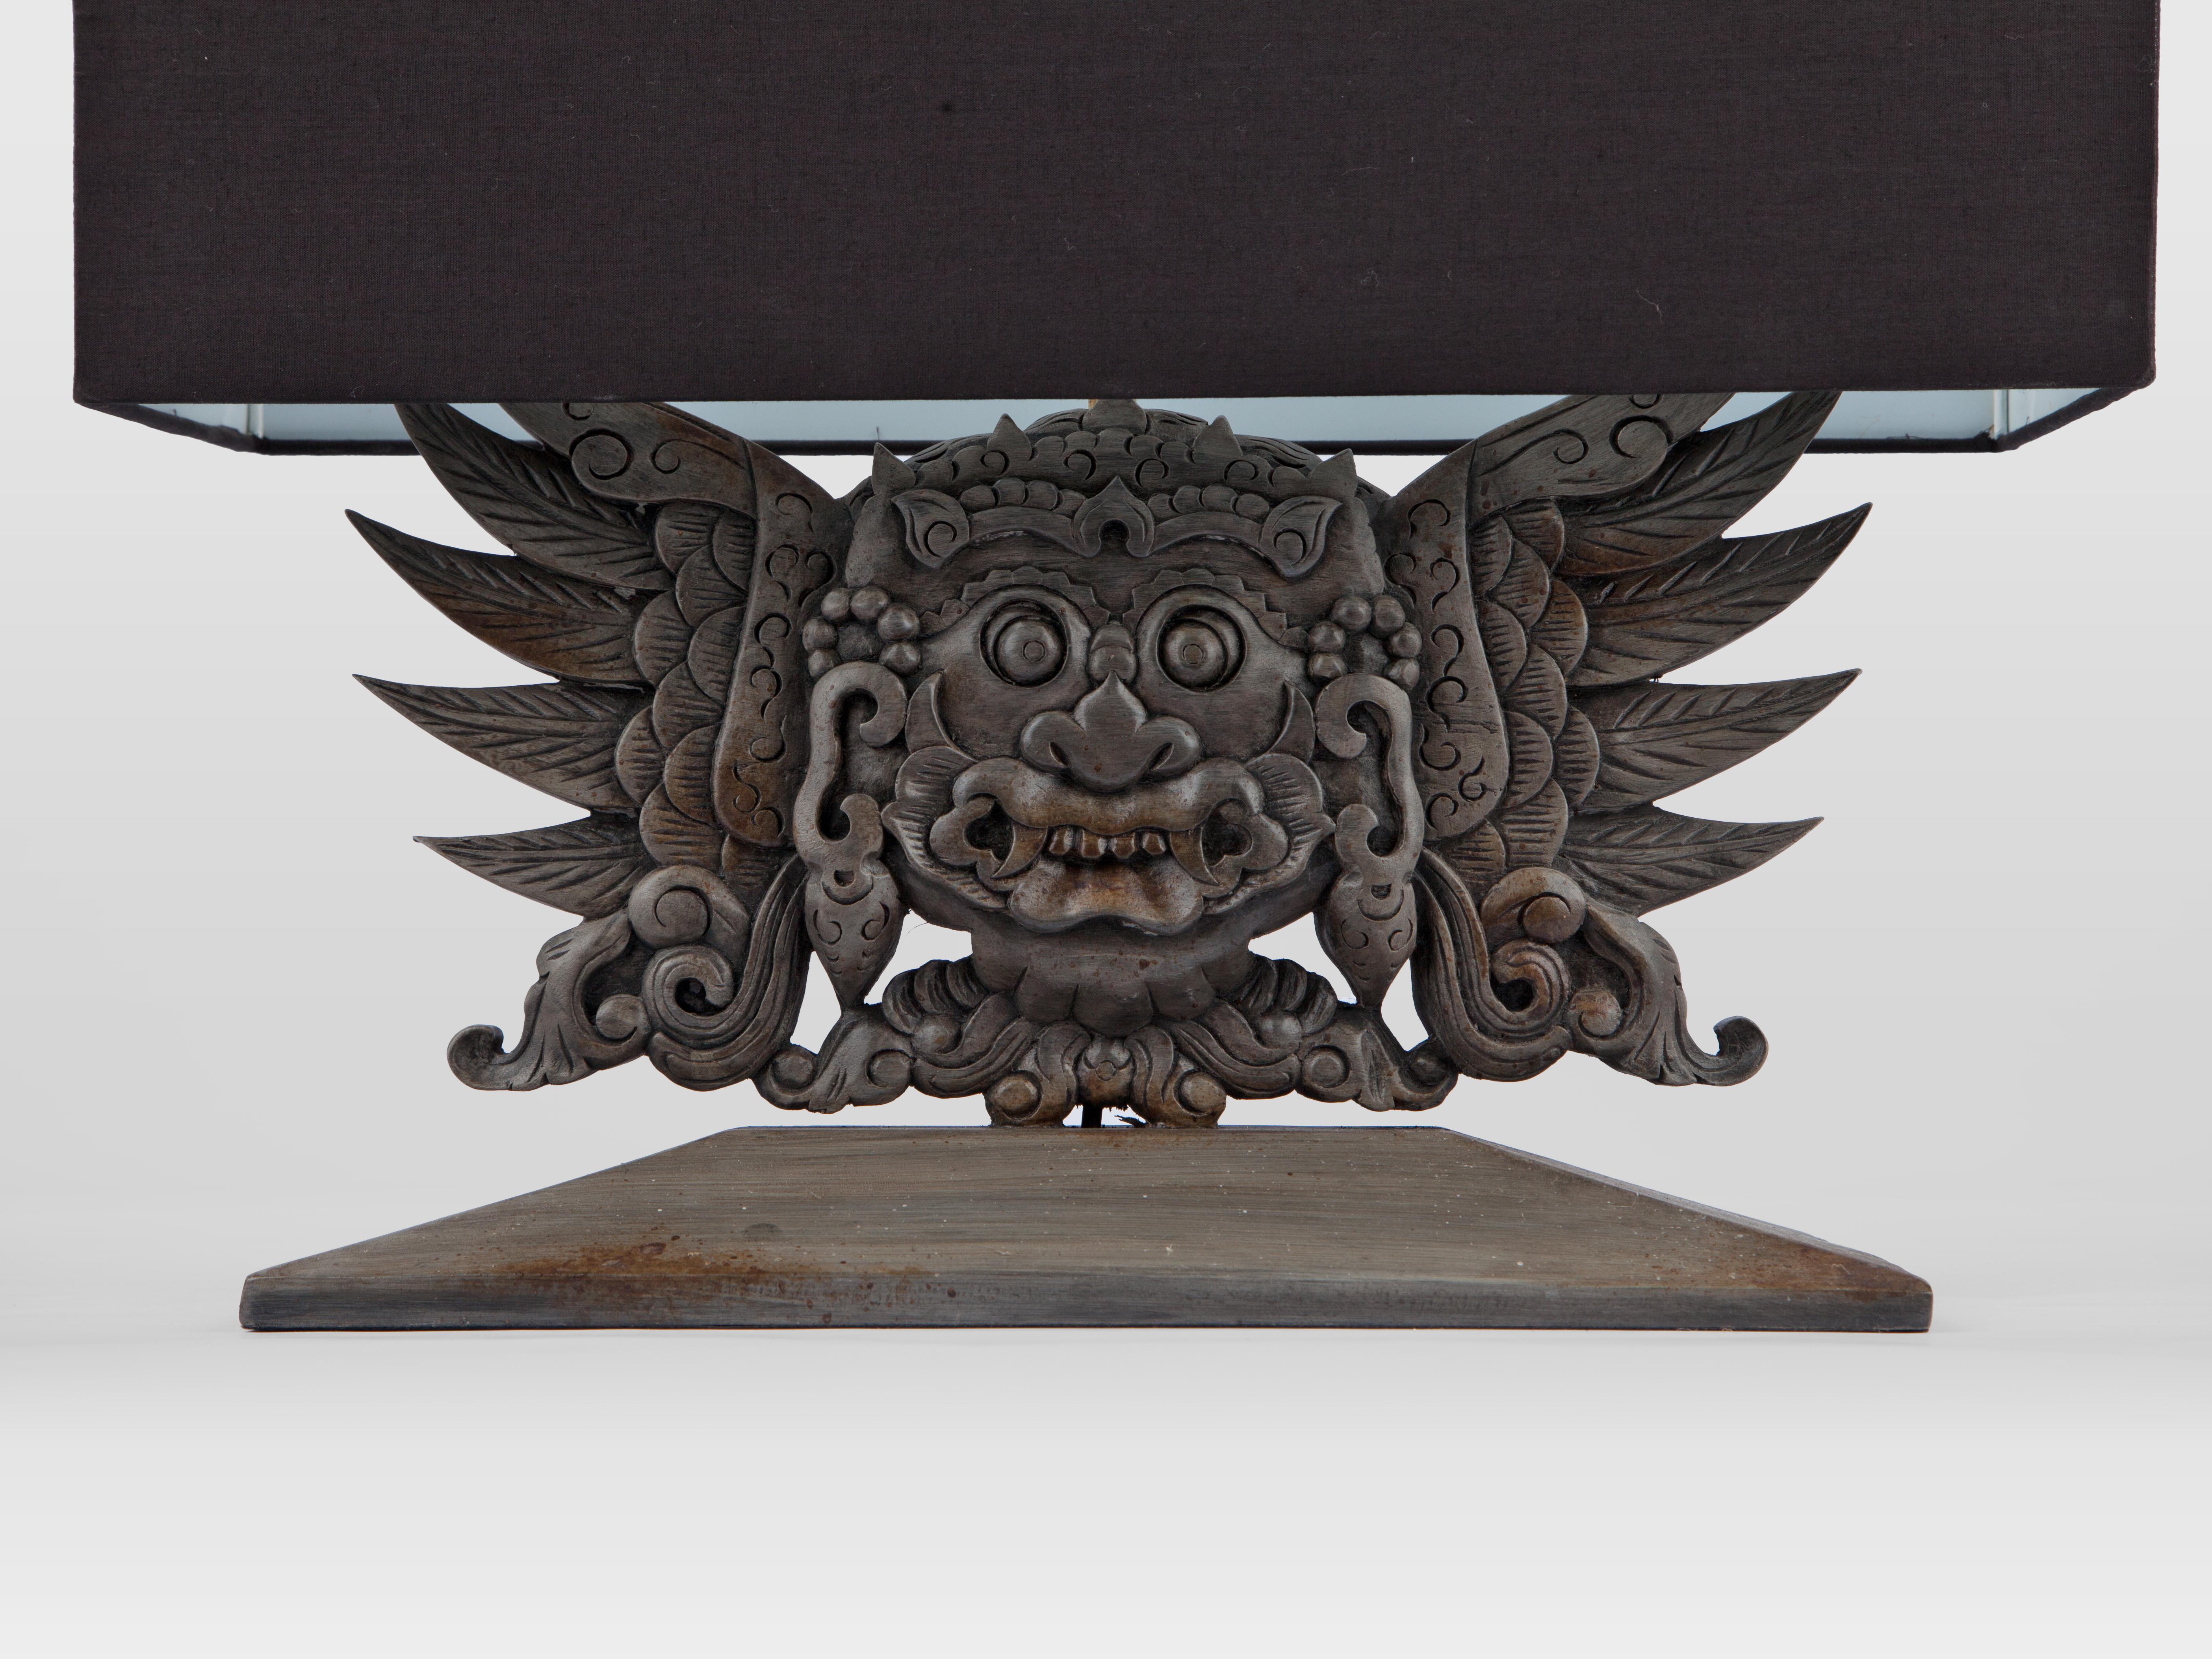 Купить Лампа настольная с резной ножкой из дерева махагони и черным абажуром, inmyroom, Индонезия